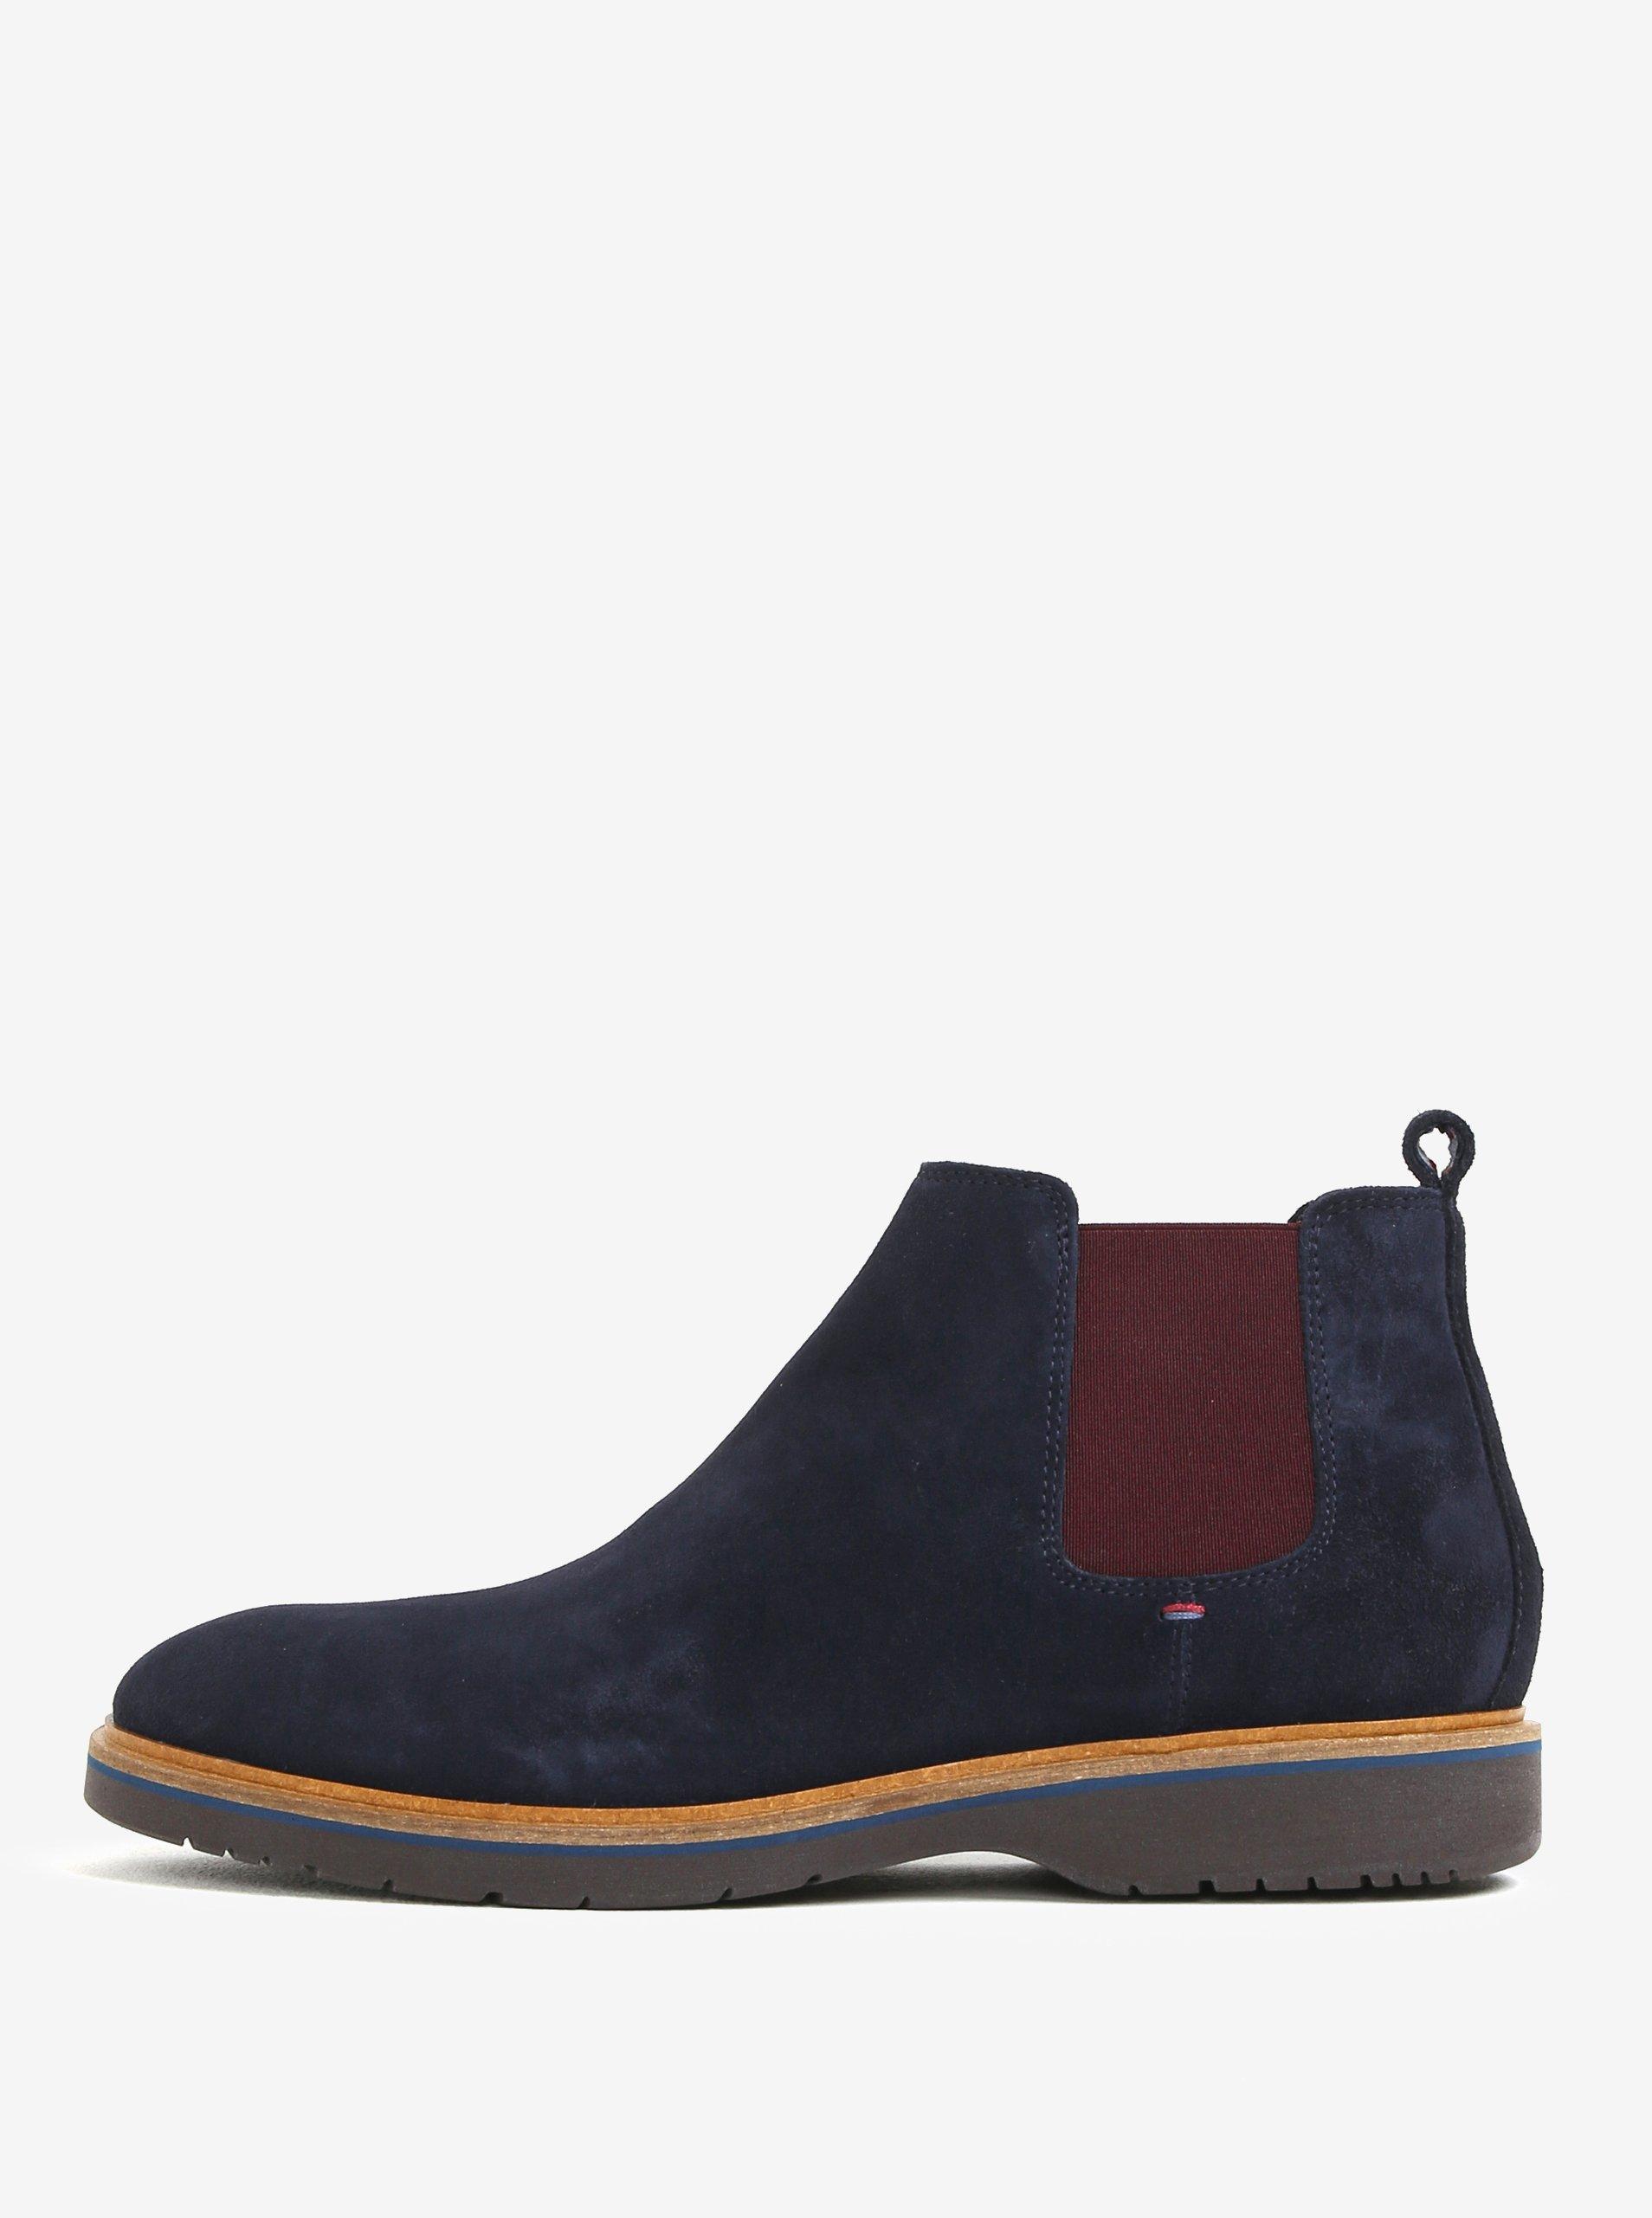 38bdca6c49 Tmavomodré pánske semišové chelsea topánky Tommy Hilfiger